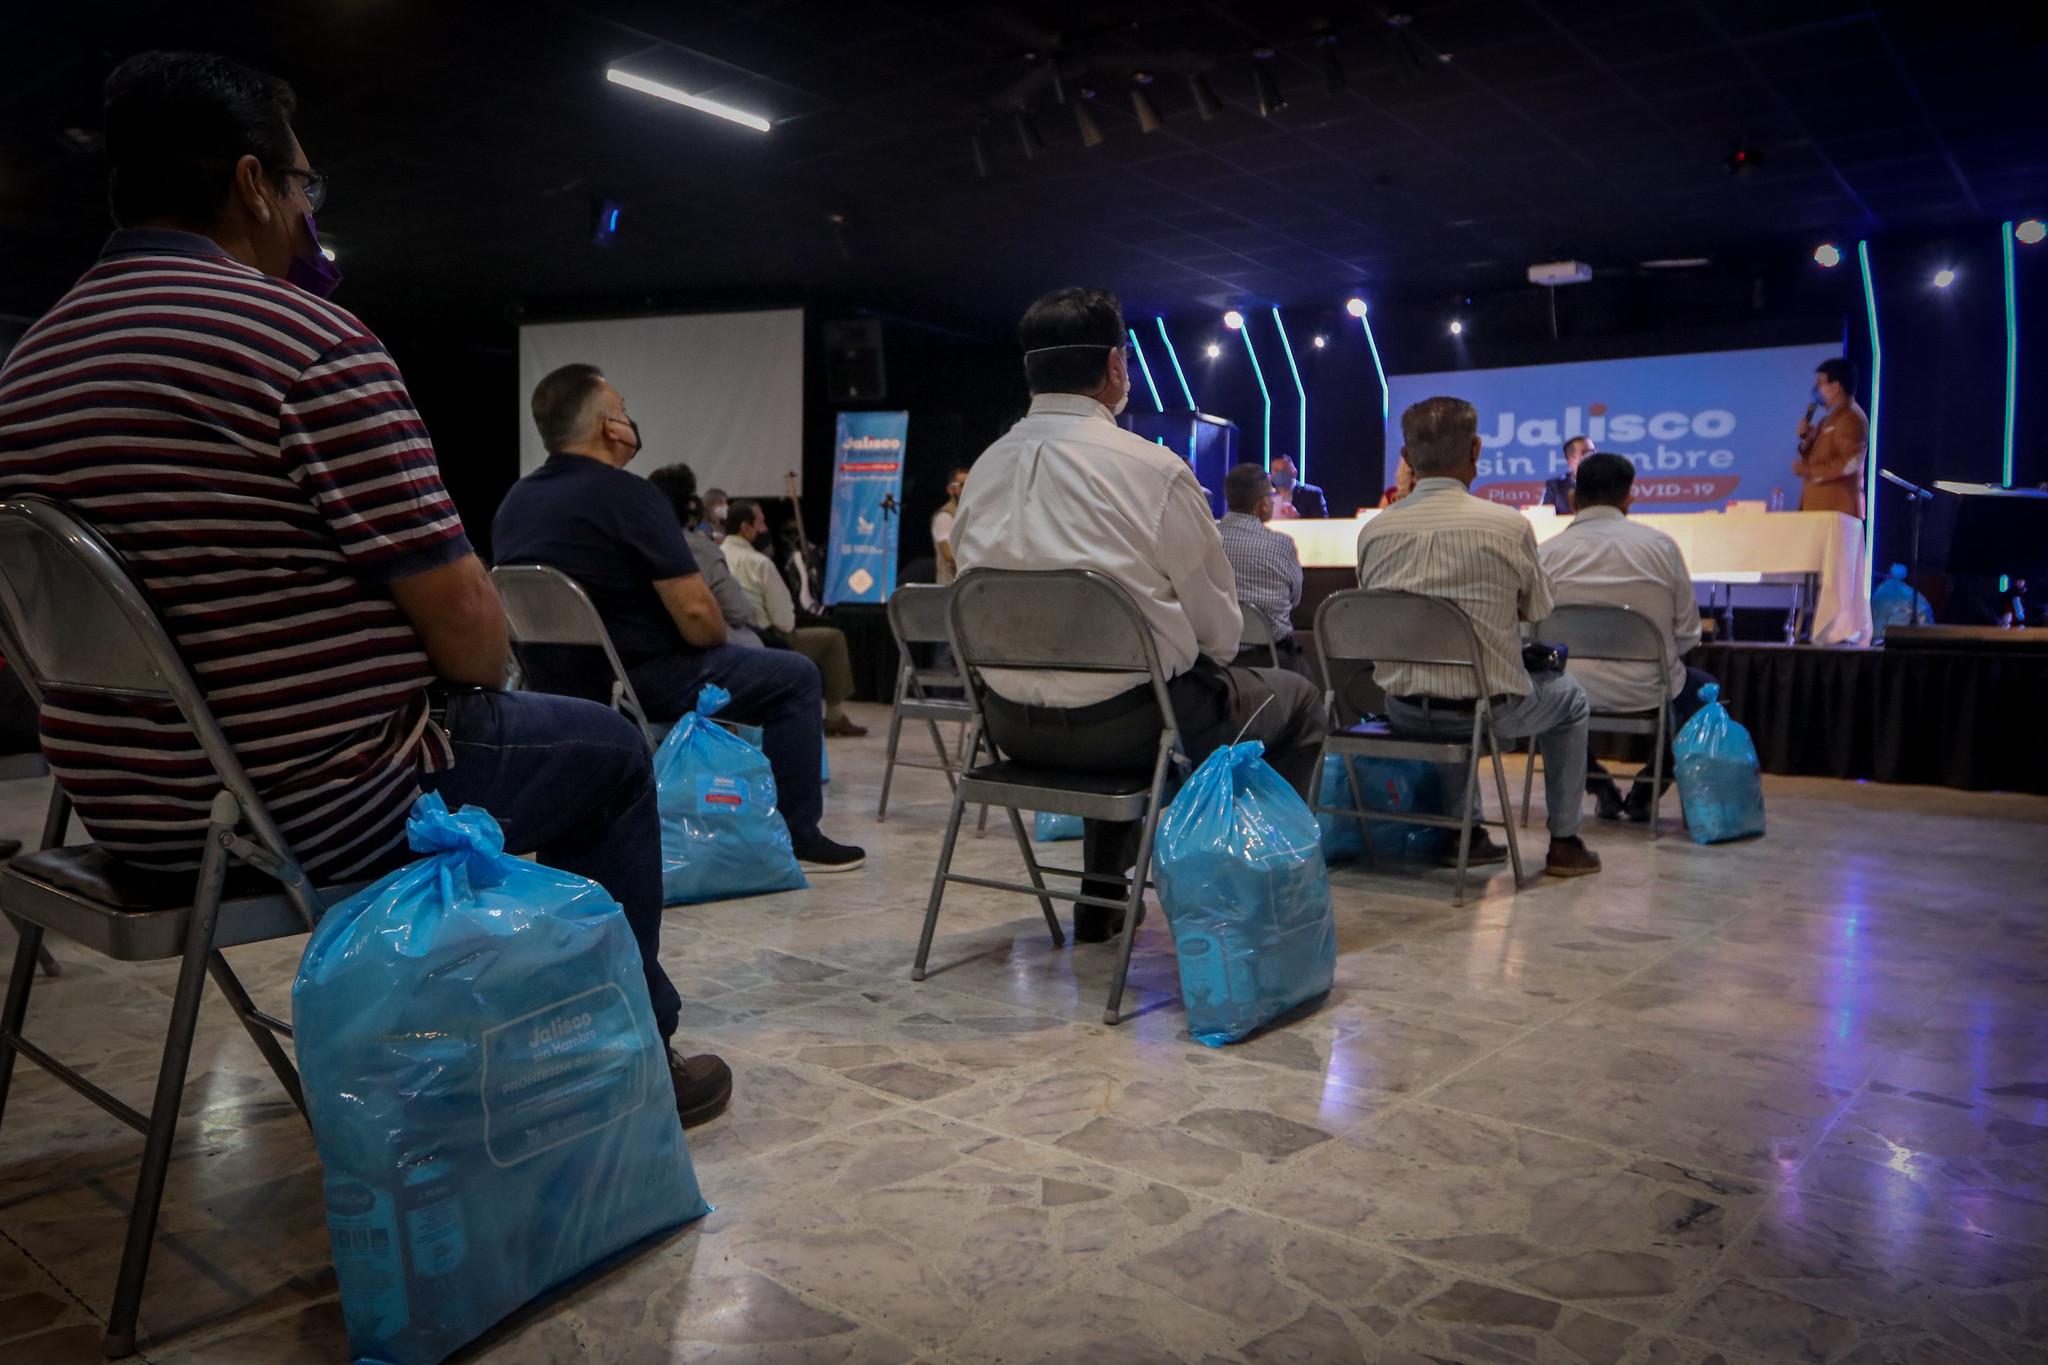 Entrega de despensas Jalisco sin Hambre a Iglesias Cristianas